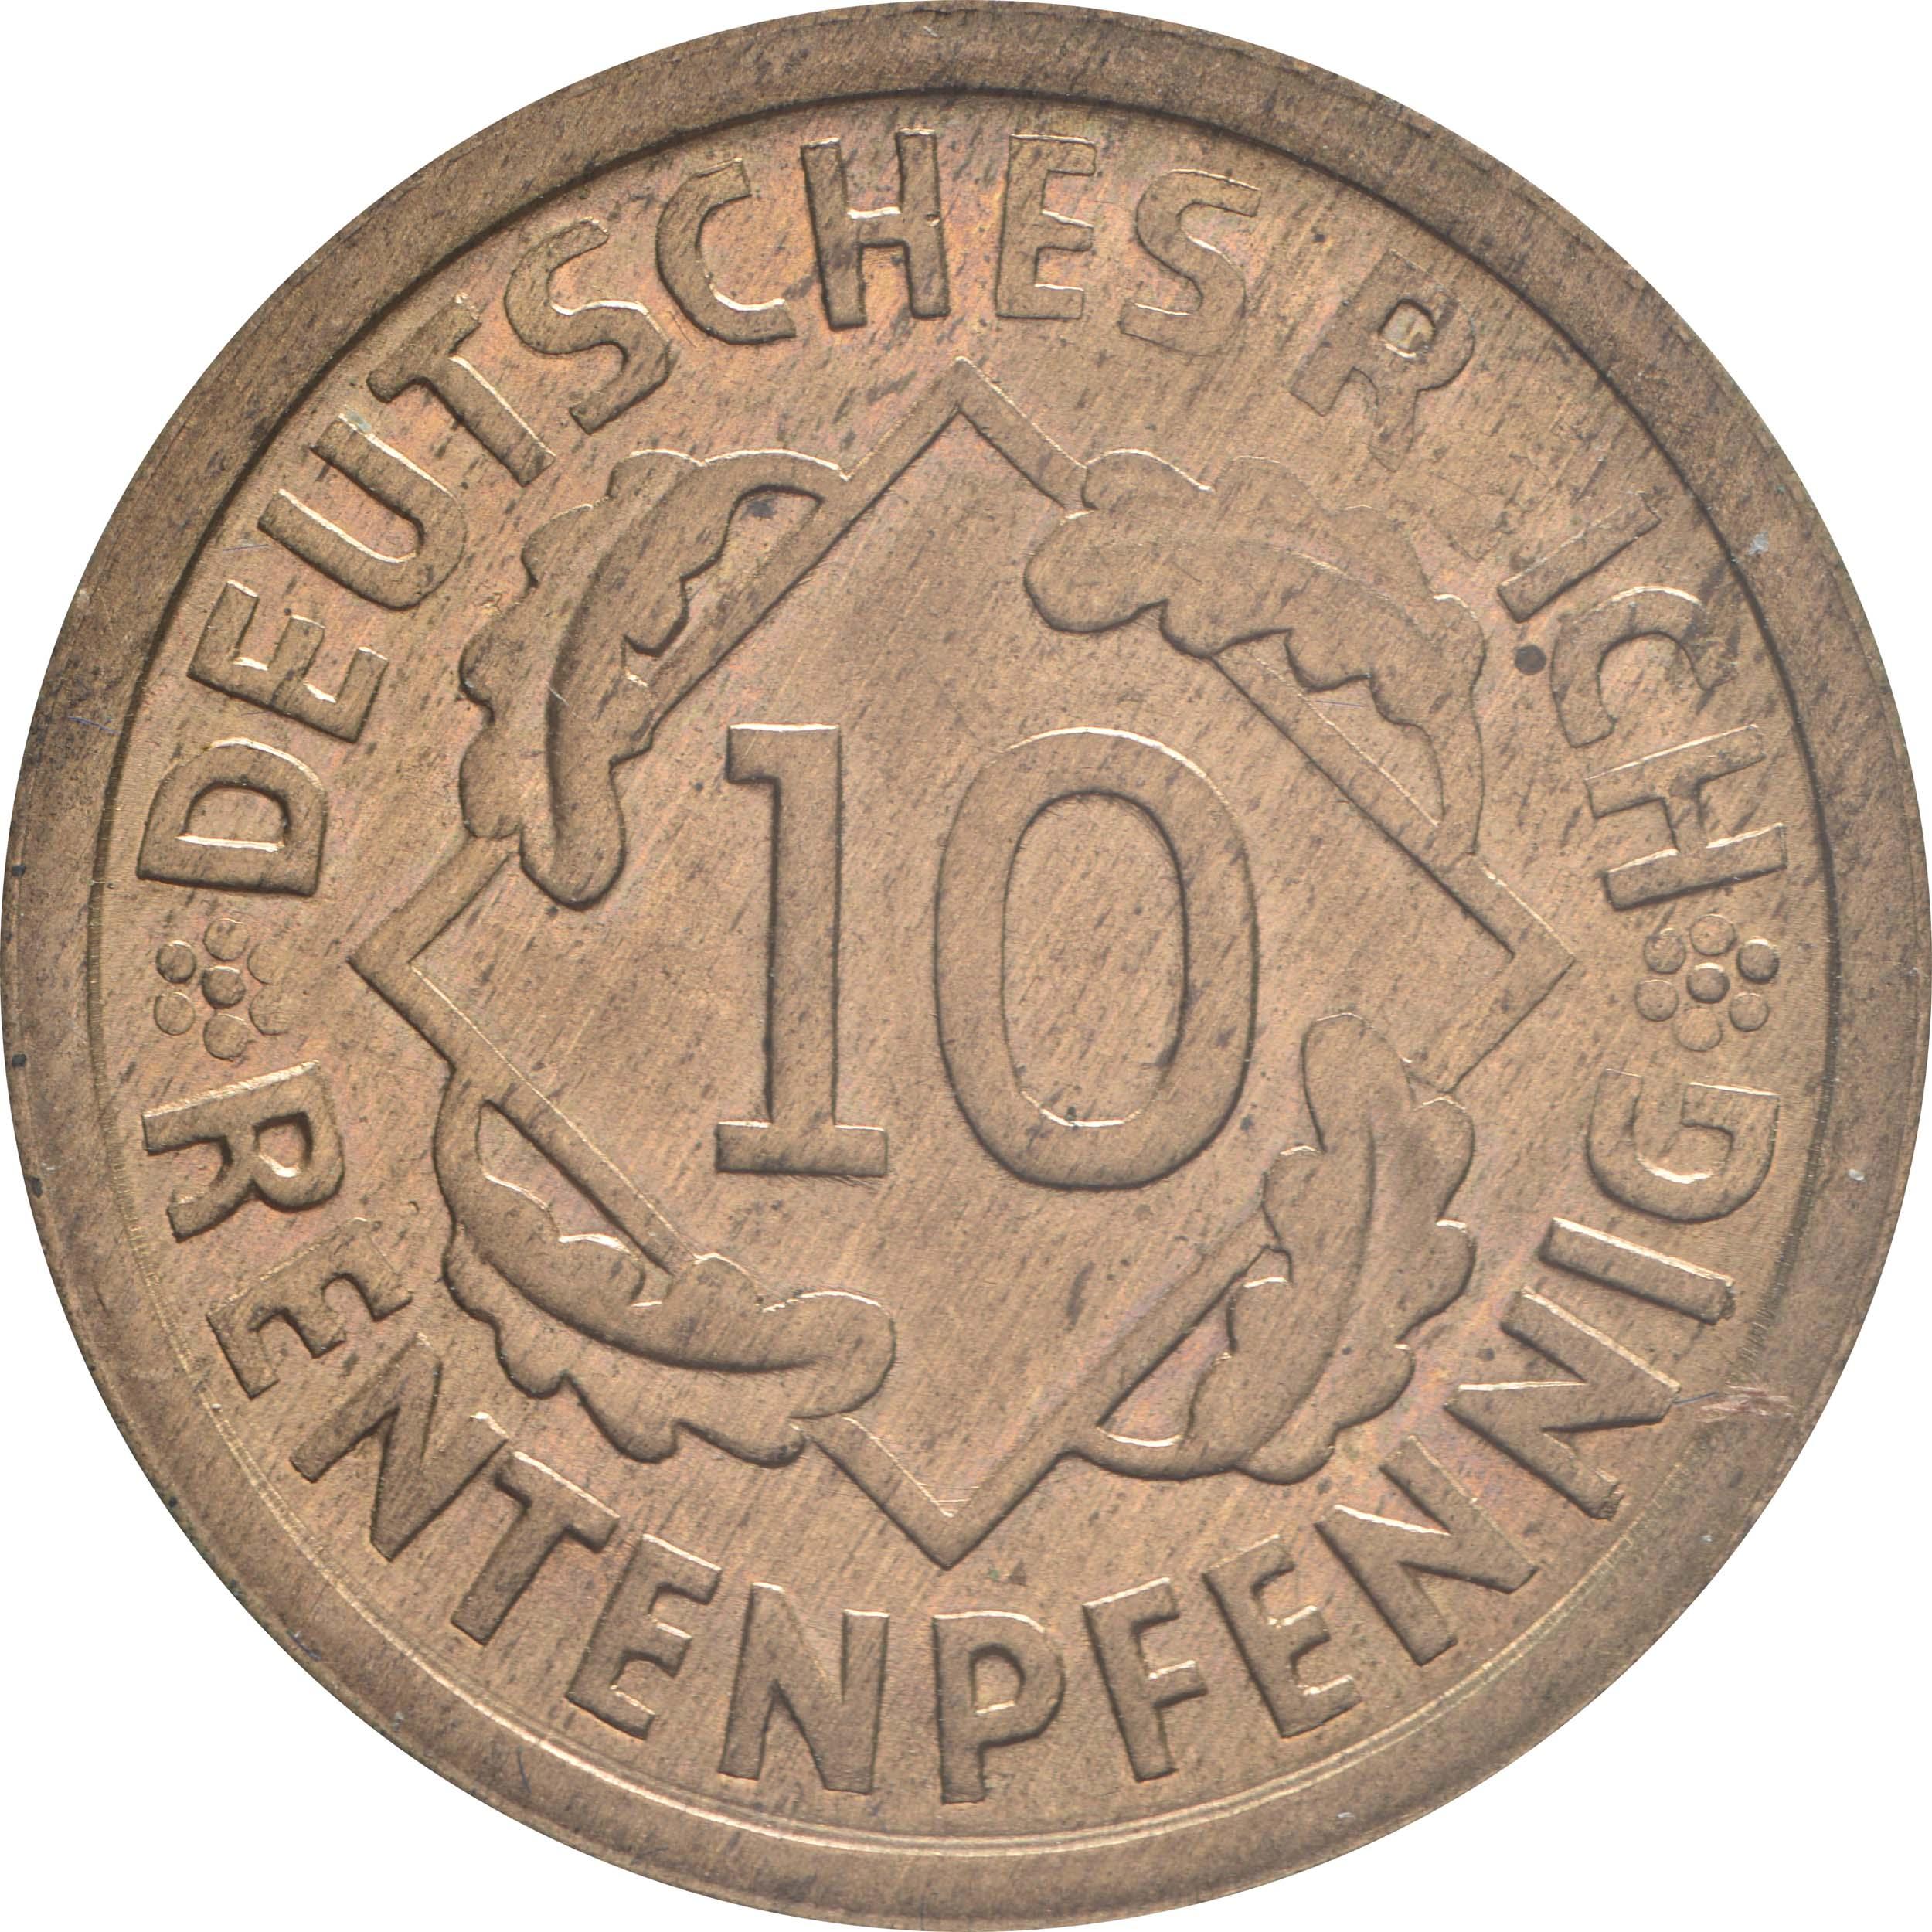 Vorderseite :Deutschland : 10 Rentenpfennig Kursmünze patina 1923 Stgl.